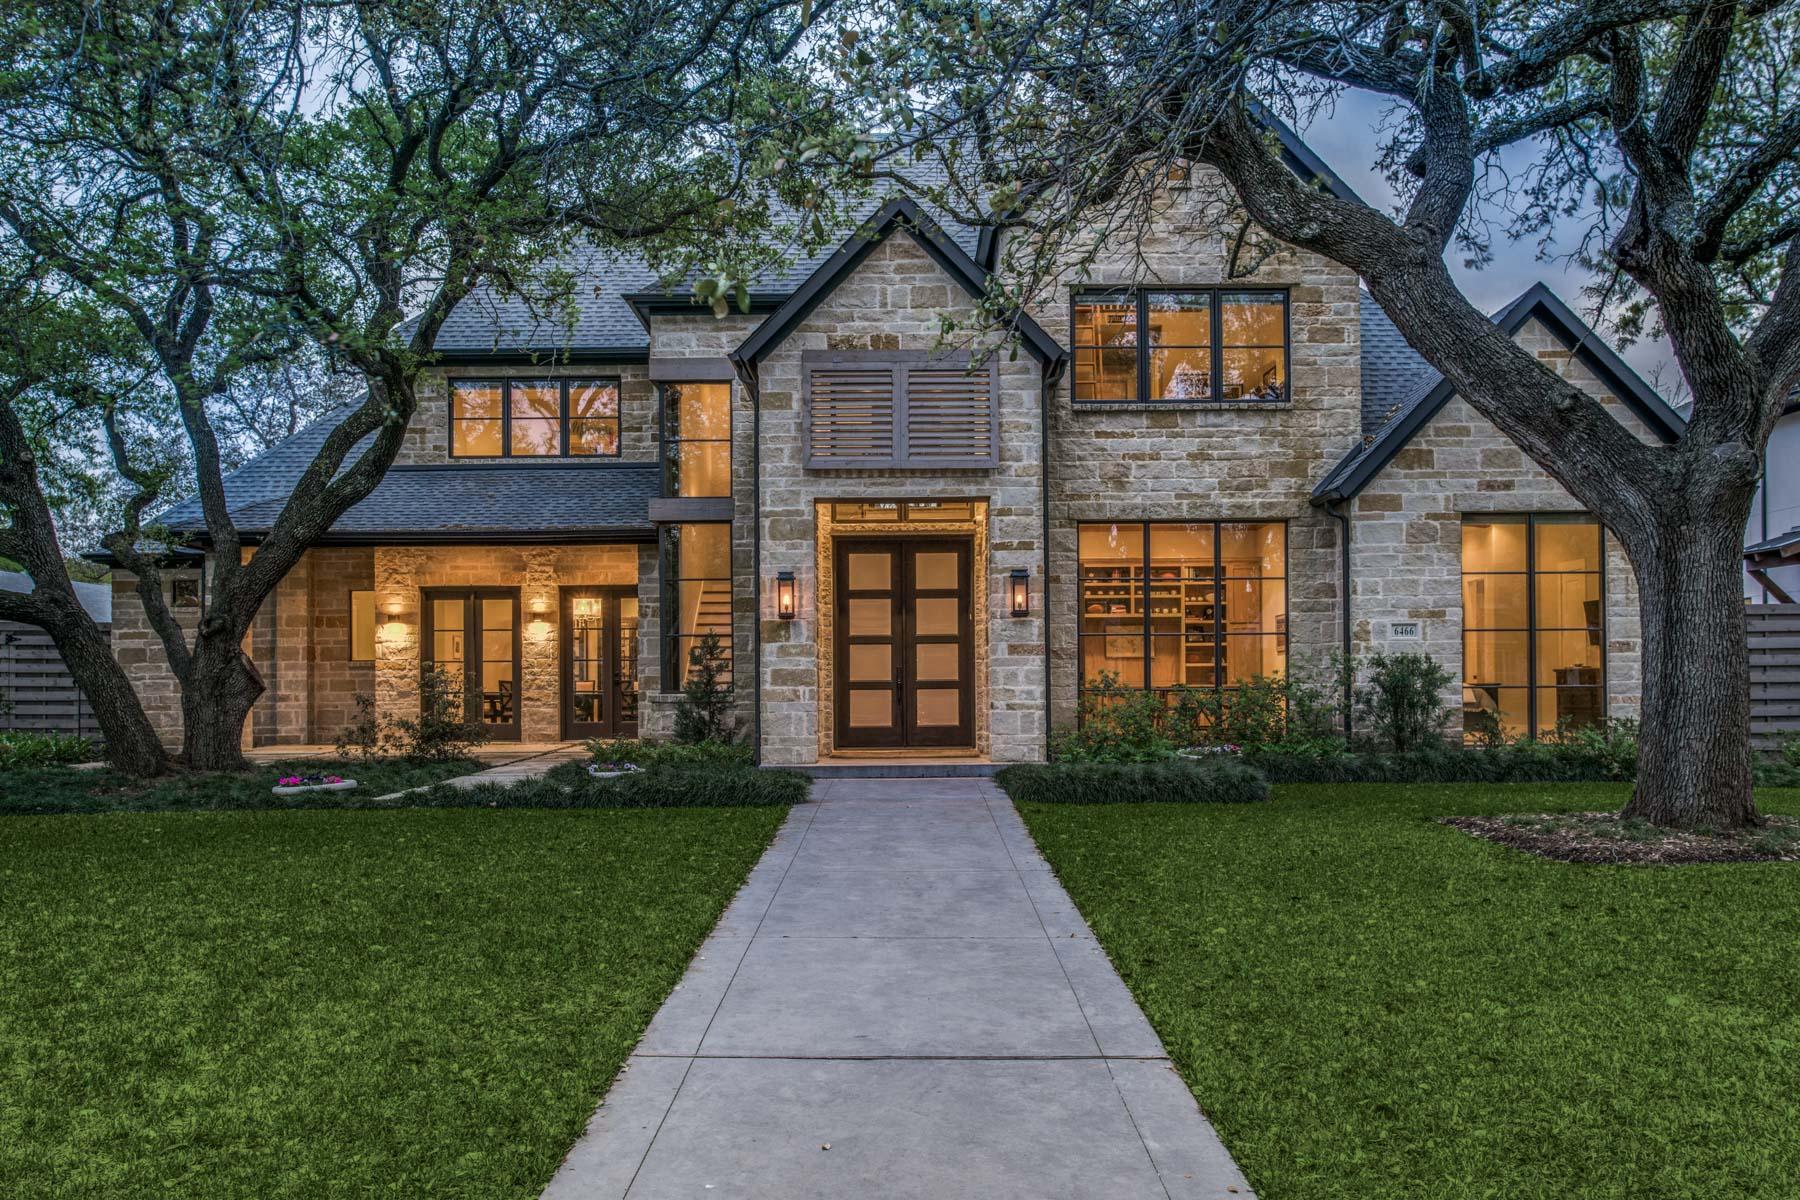 独户住宅 为 销售 在 Phenomenal Preston Hollow Contemporary 6466 Orchid Lane, 达拉斯, 得克萨斯州, 75230 美国